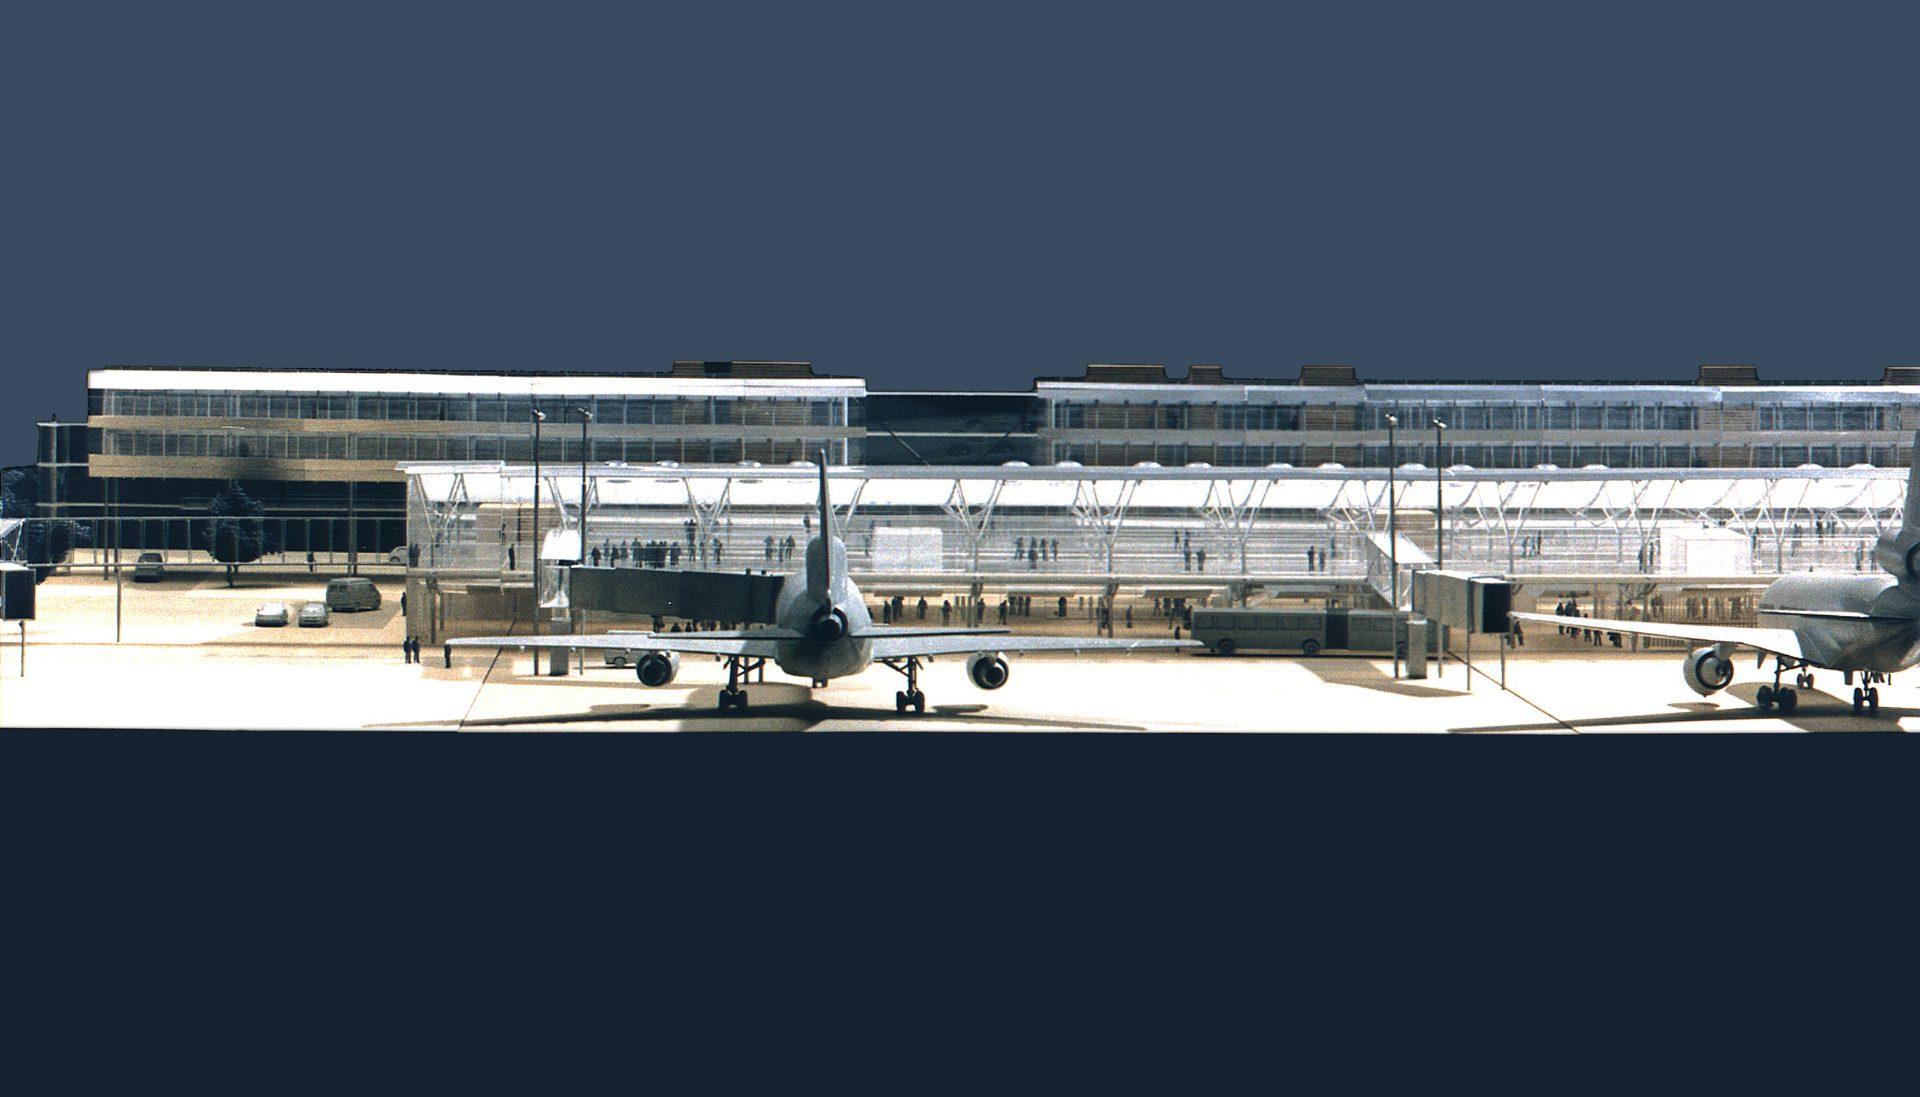 Terminal West - Flughafen Berlin-Schönefeld